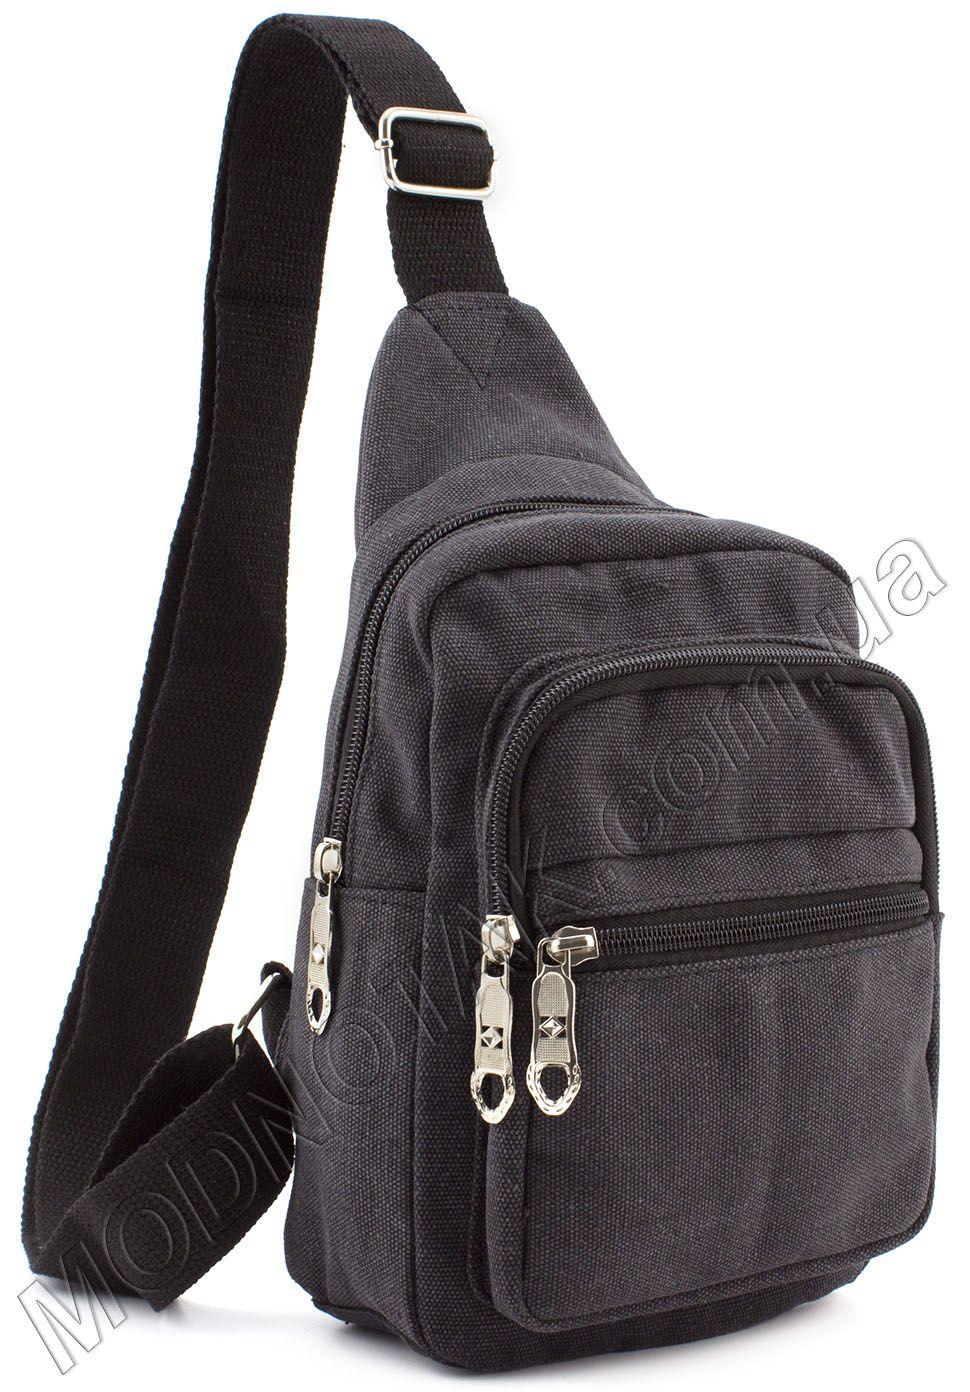 89218f648ee4 Мужской тканевый слинг рюкзак Bags Collection (10721) купить в Киеве ...